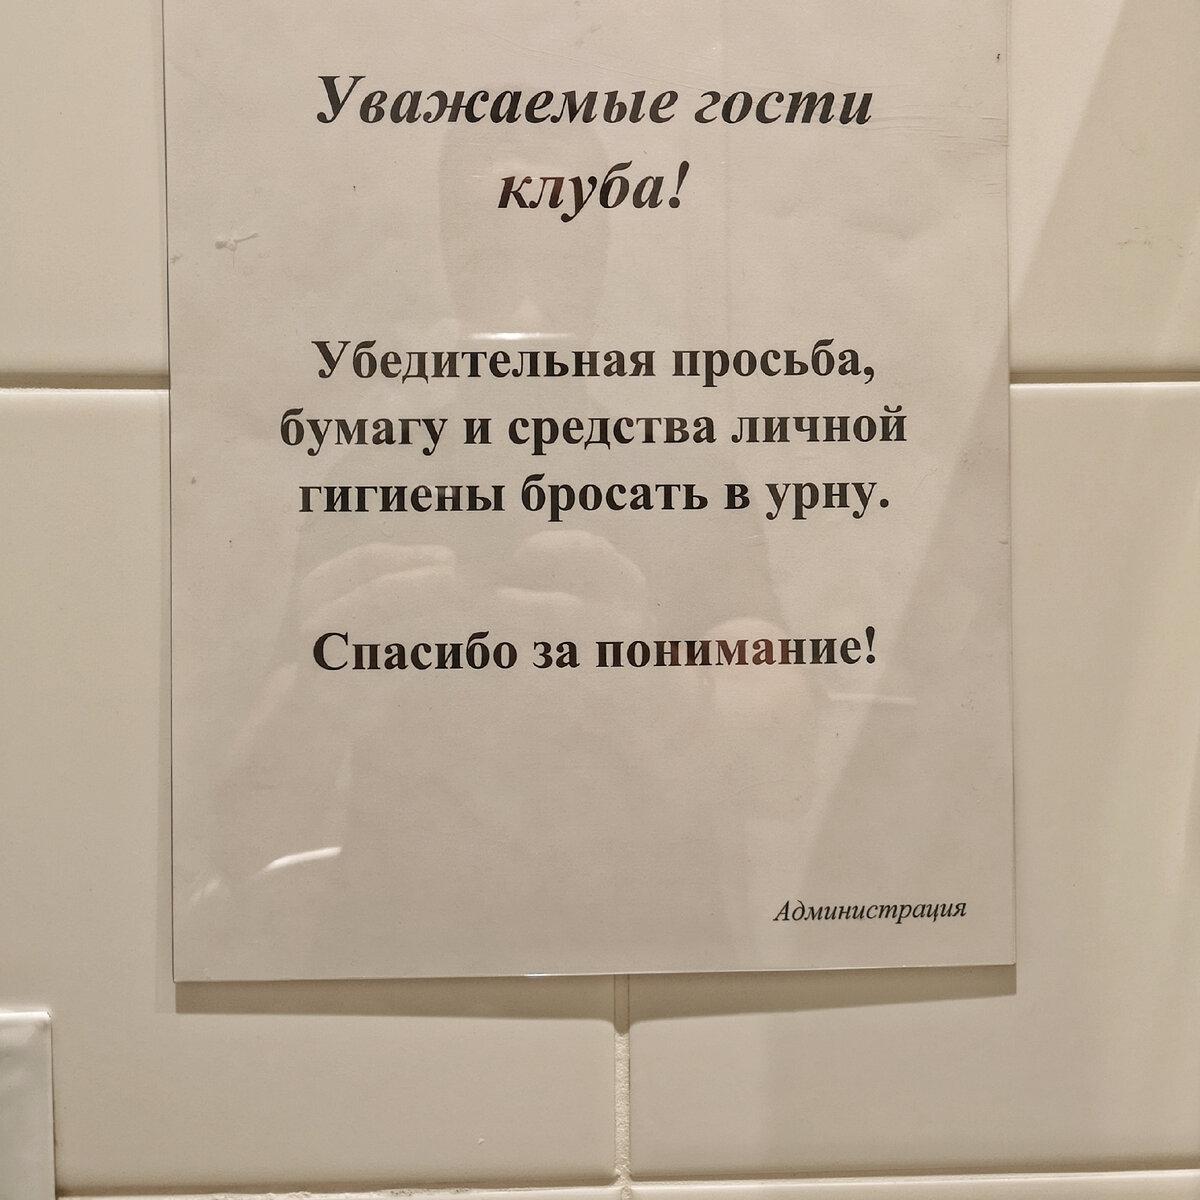 Почему туалетную бумагу нельзя бросать в унитаз